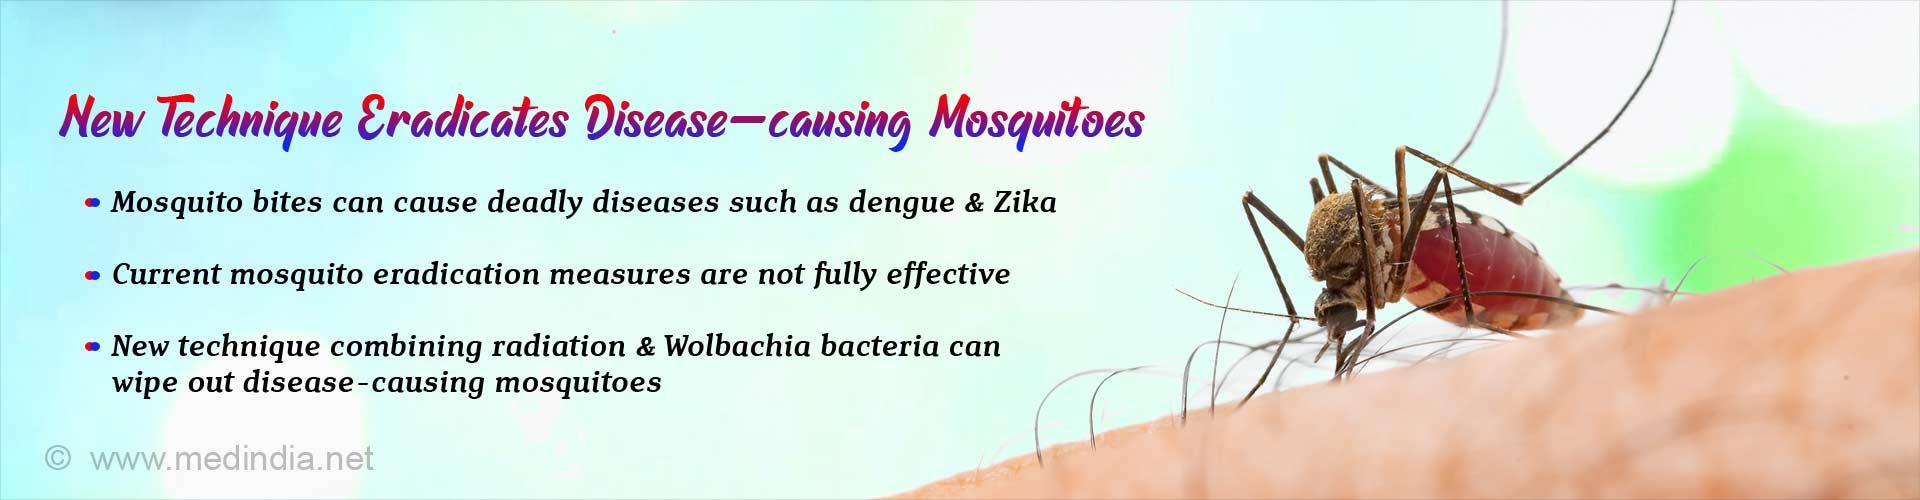 Novel Technique Eradicates Disease-causing Mosquitoes